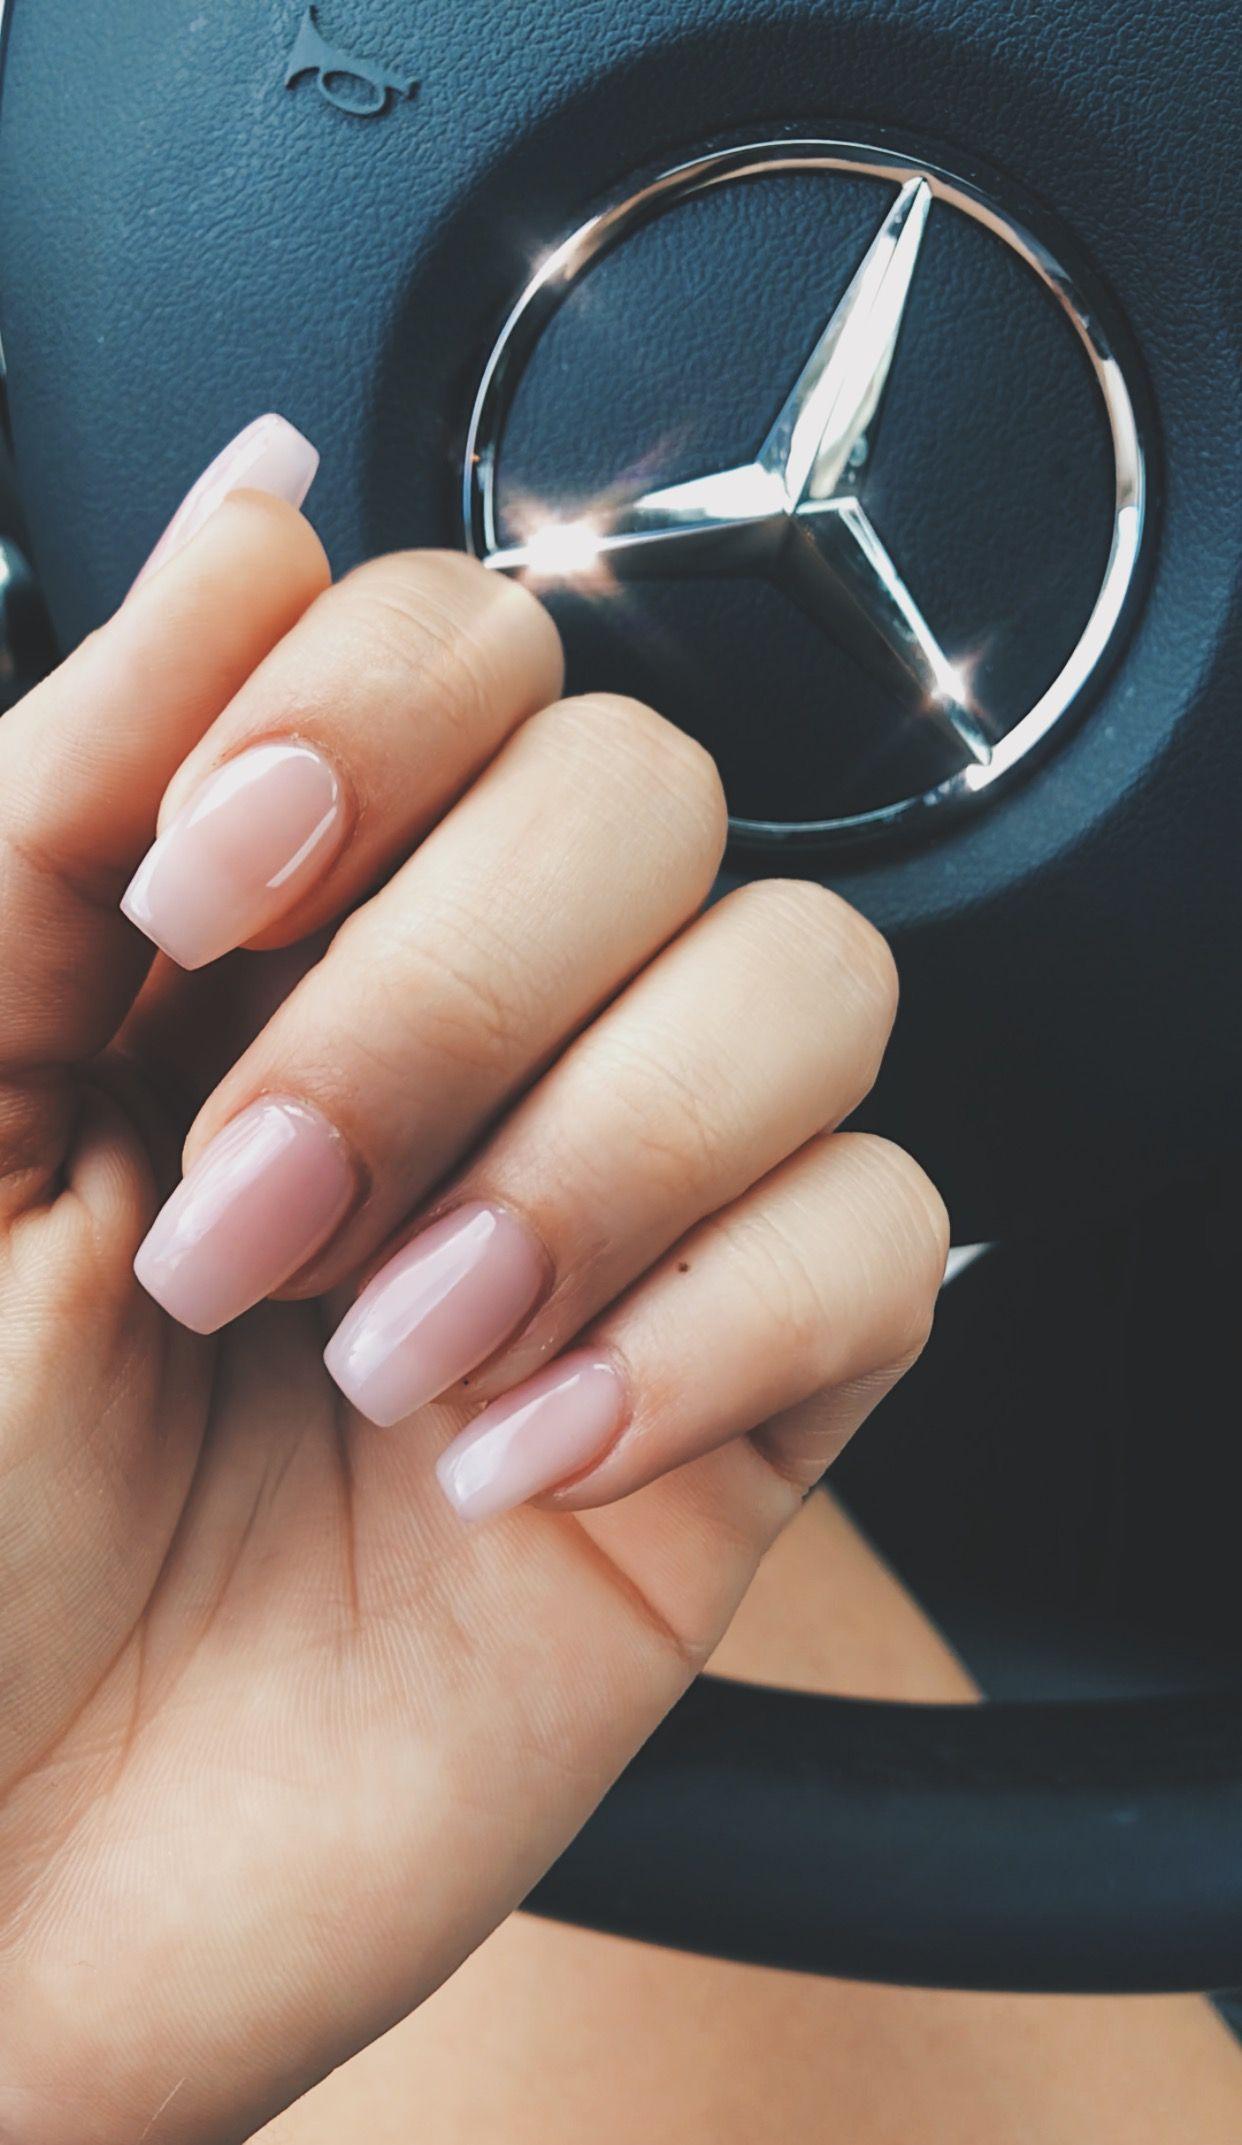 Opi Put It In Neutral Ig Lisettelaine Beautytipsolderwomen V Roce 2020 Gelove Nehty Akrylove Nehty A Nehty